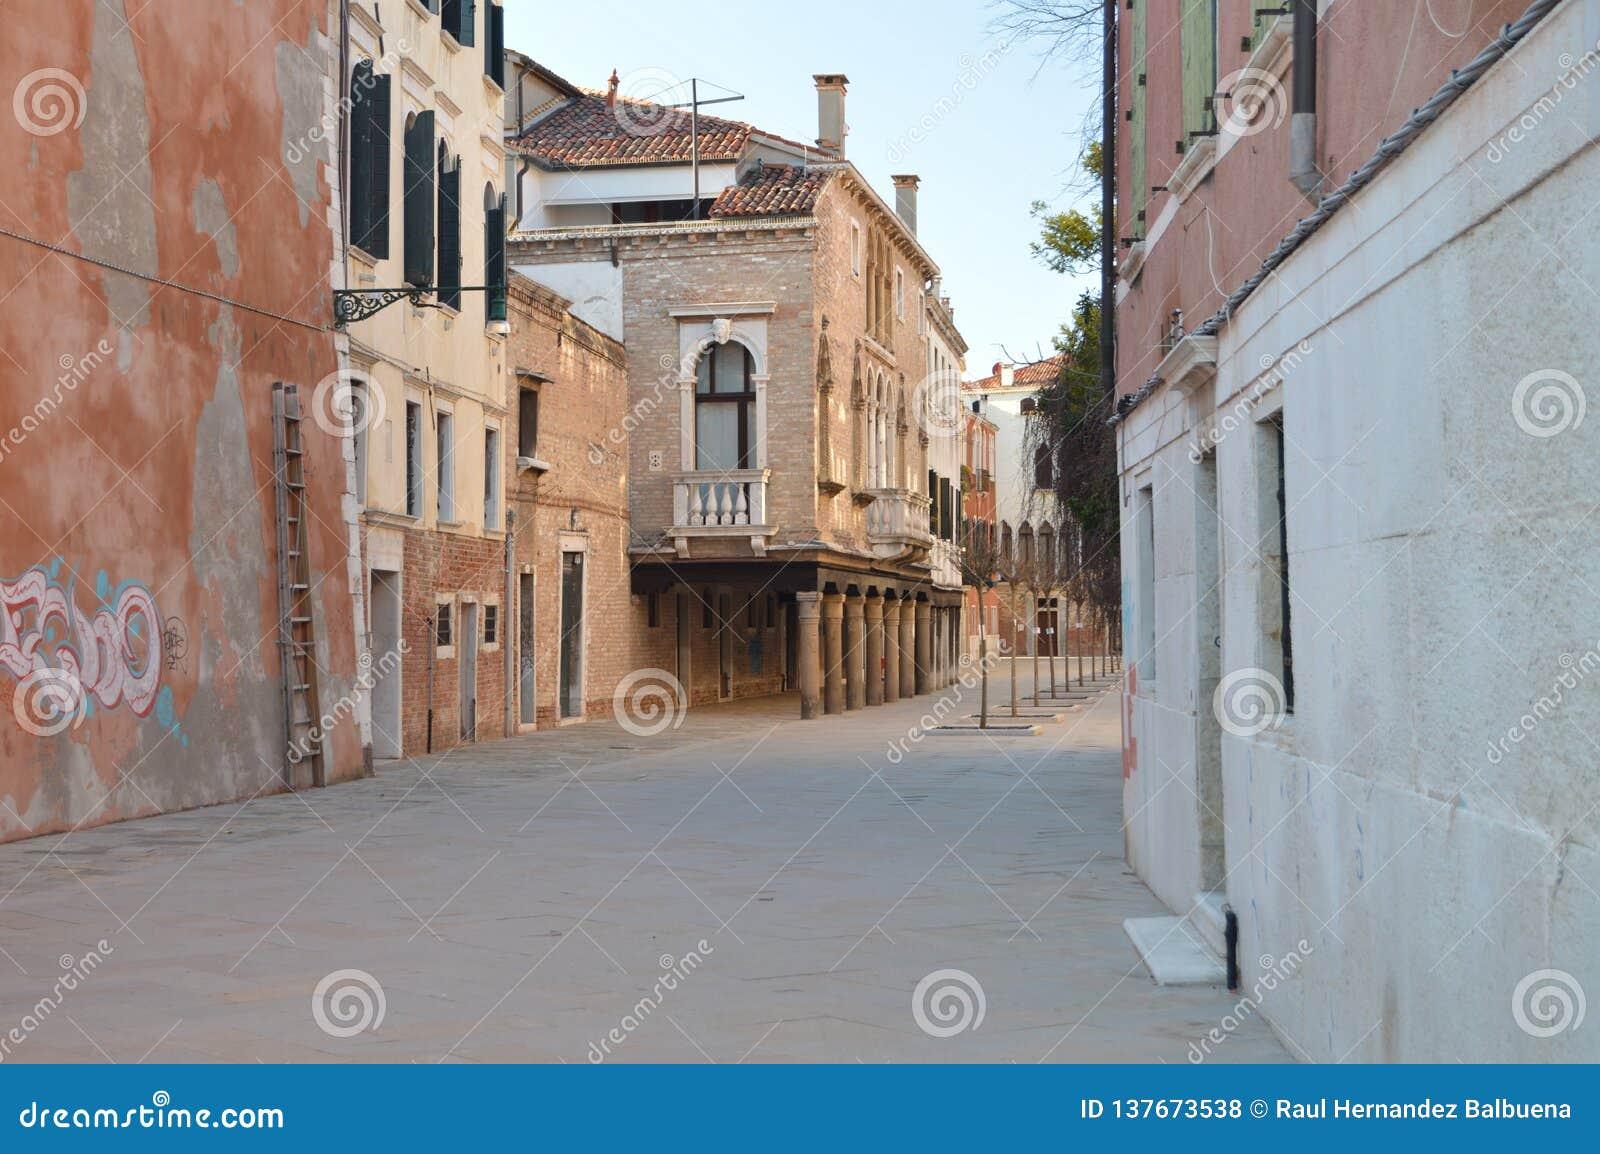 Balcone veneziano adorabile di stile su Terra Saloni Street In Venice Viaggio, feste, architettura 28 marzo 2015 Venezia, Veneto